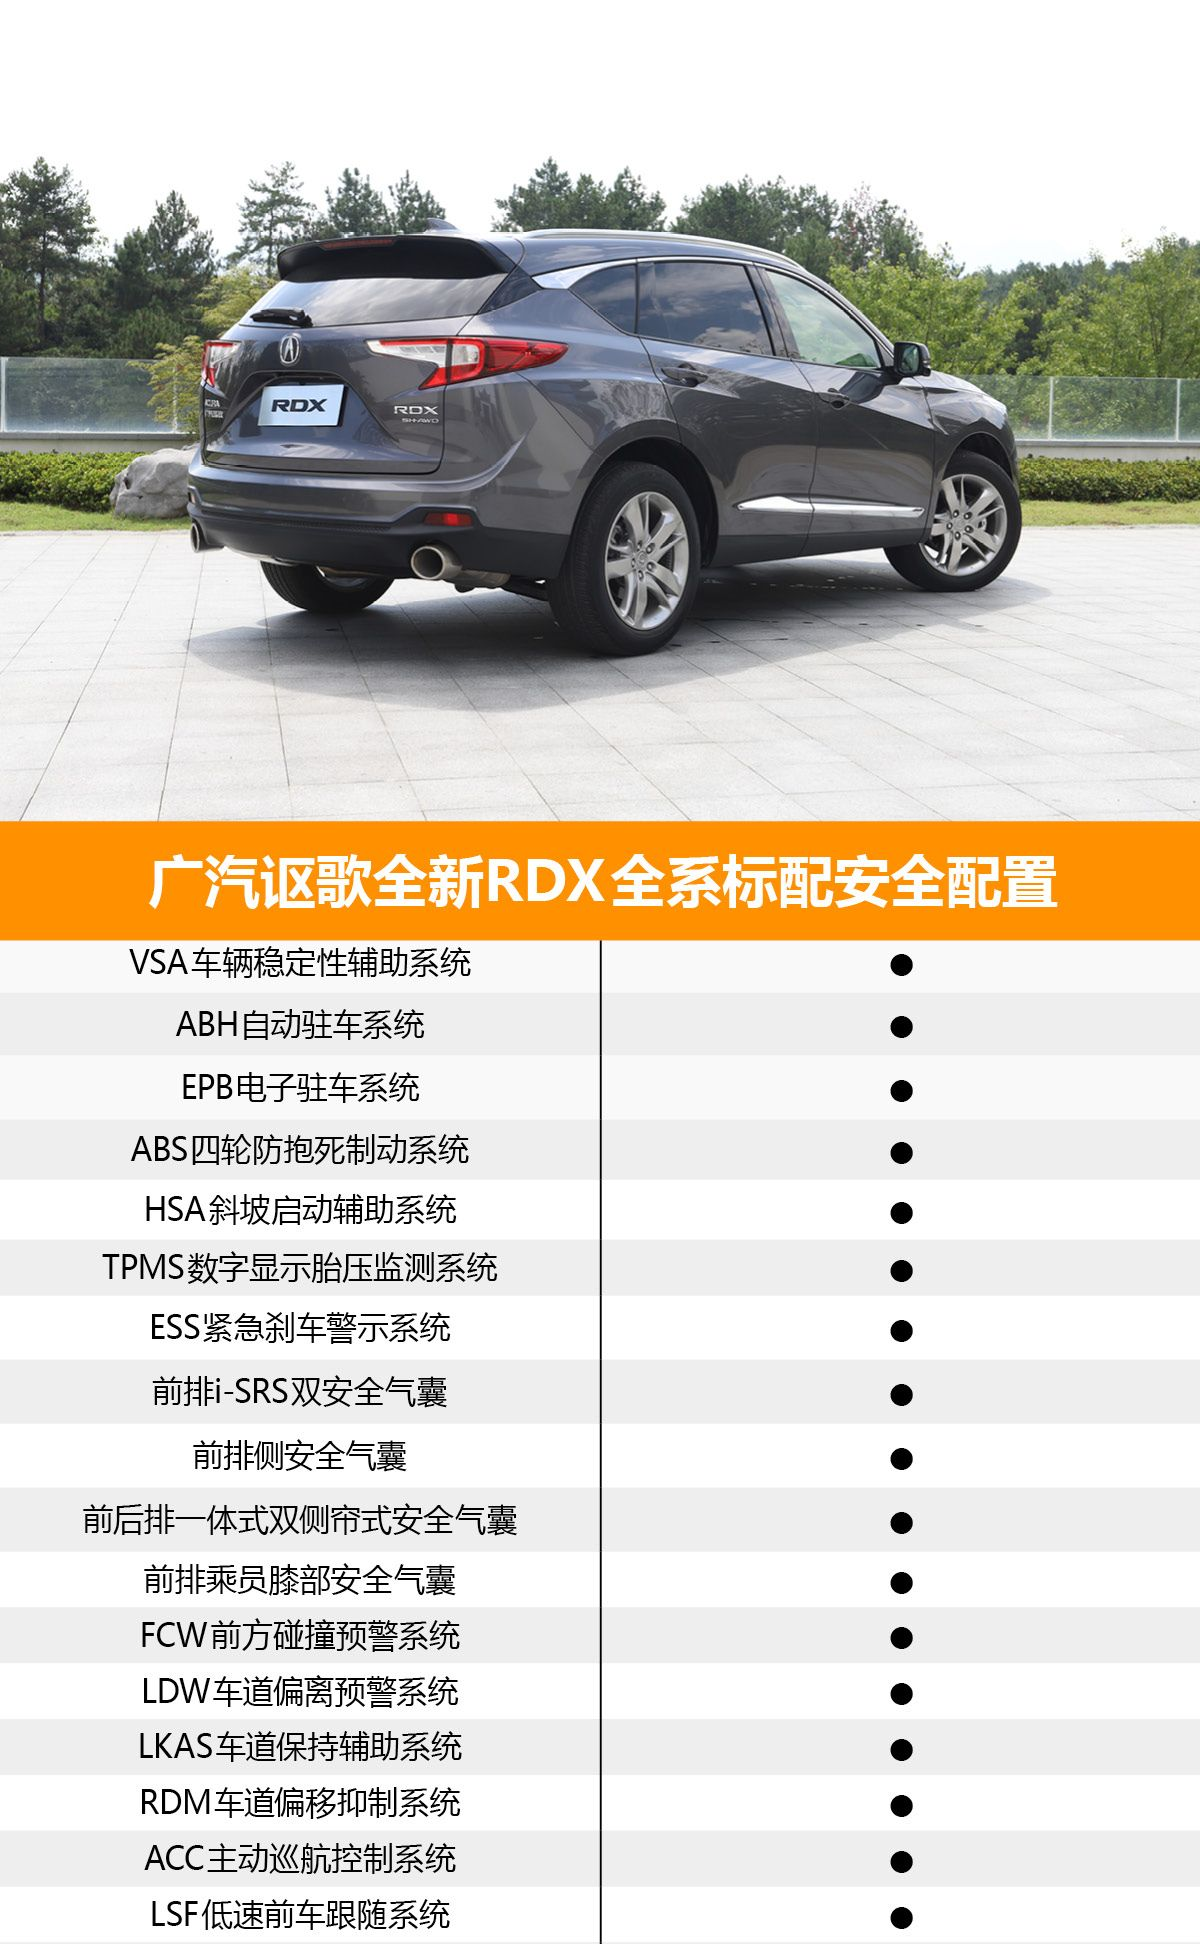 首推智享版车型 广汽讴歌全新RDX购车手册